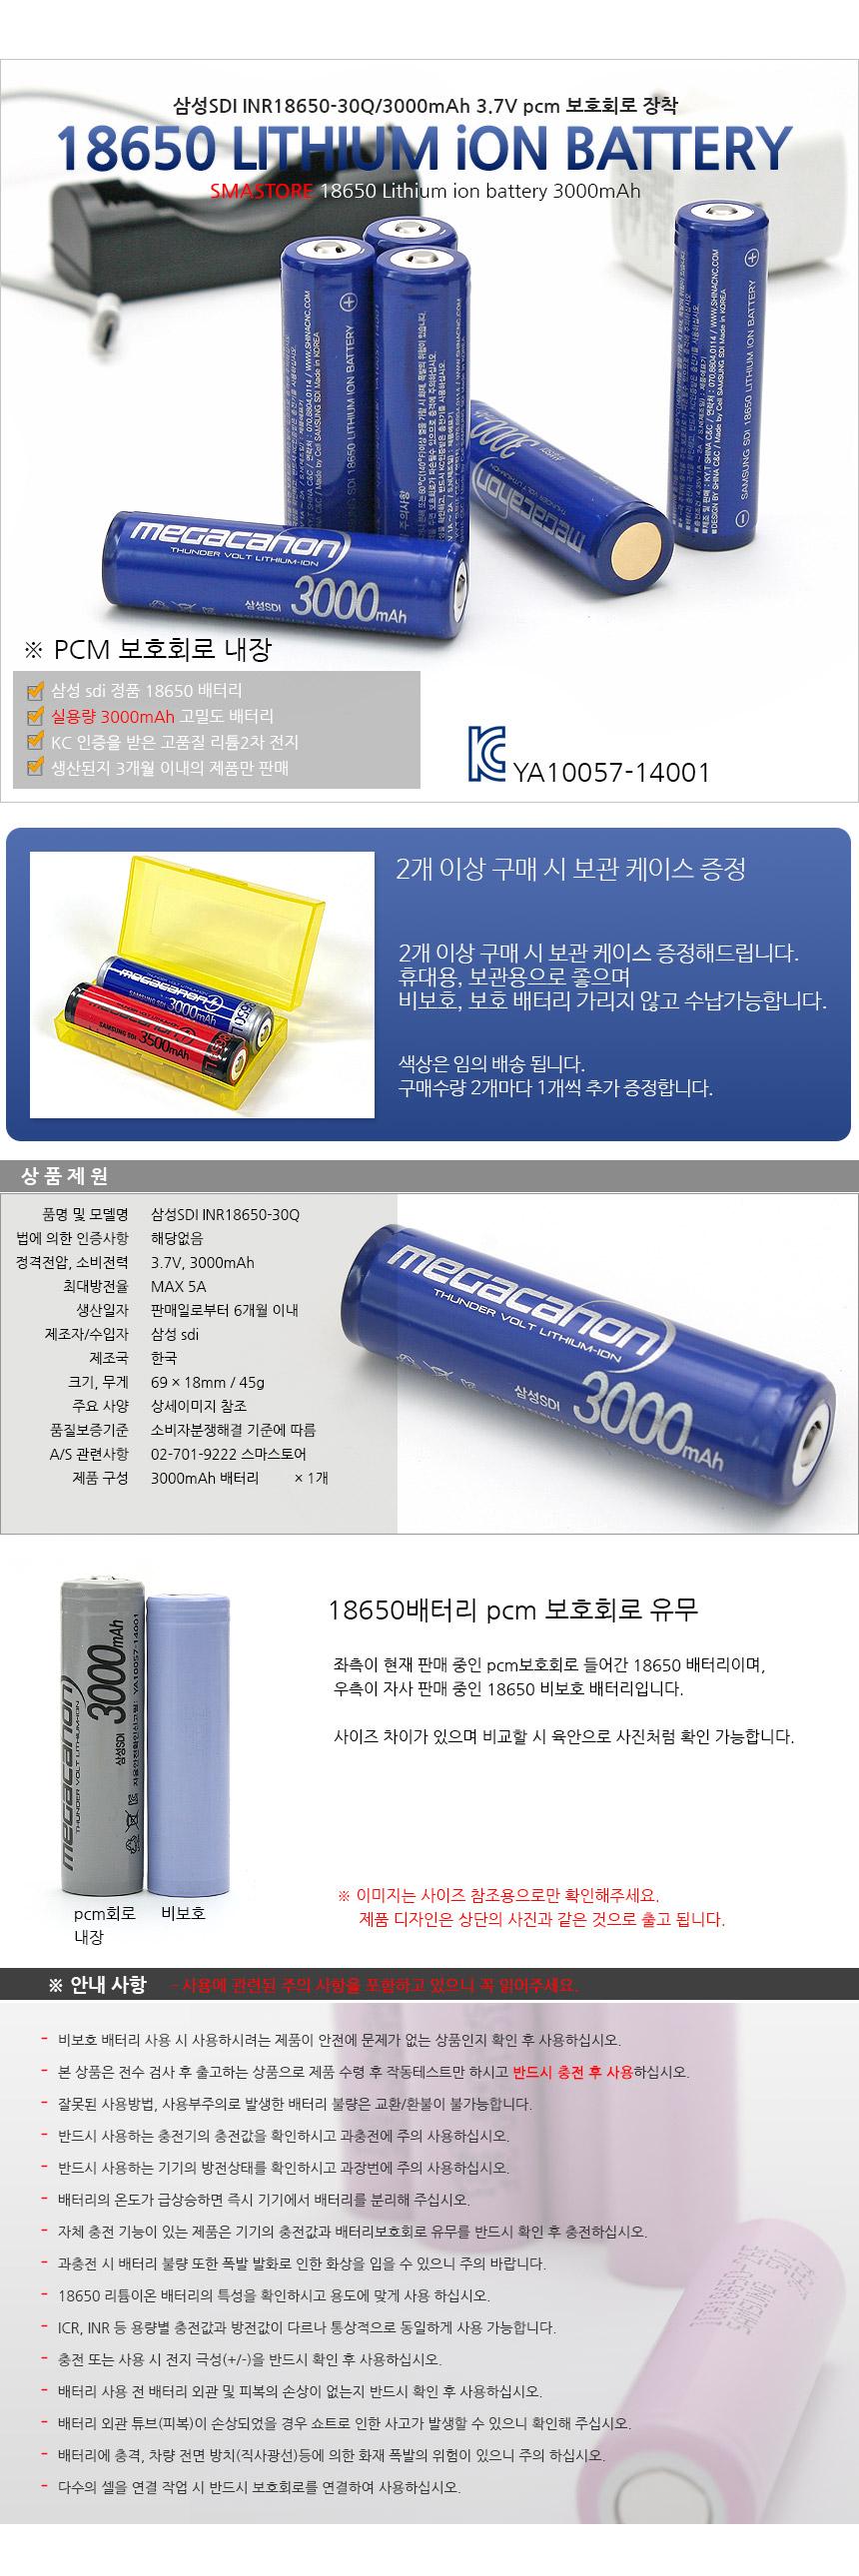 삼성SDi iCR18650-30A 3000mAh 3.7V PCM 보호 배터리 - 유바오, 8,800원, 보조배터리, 3000mAh 이하